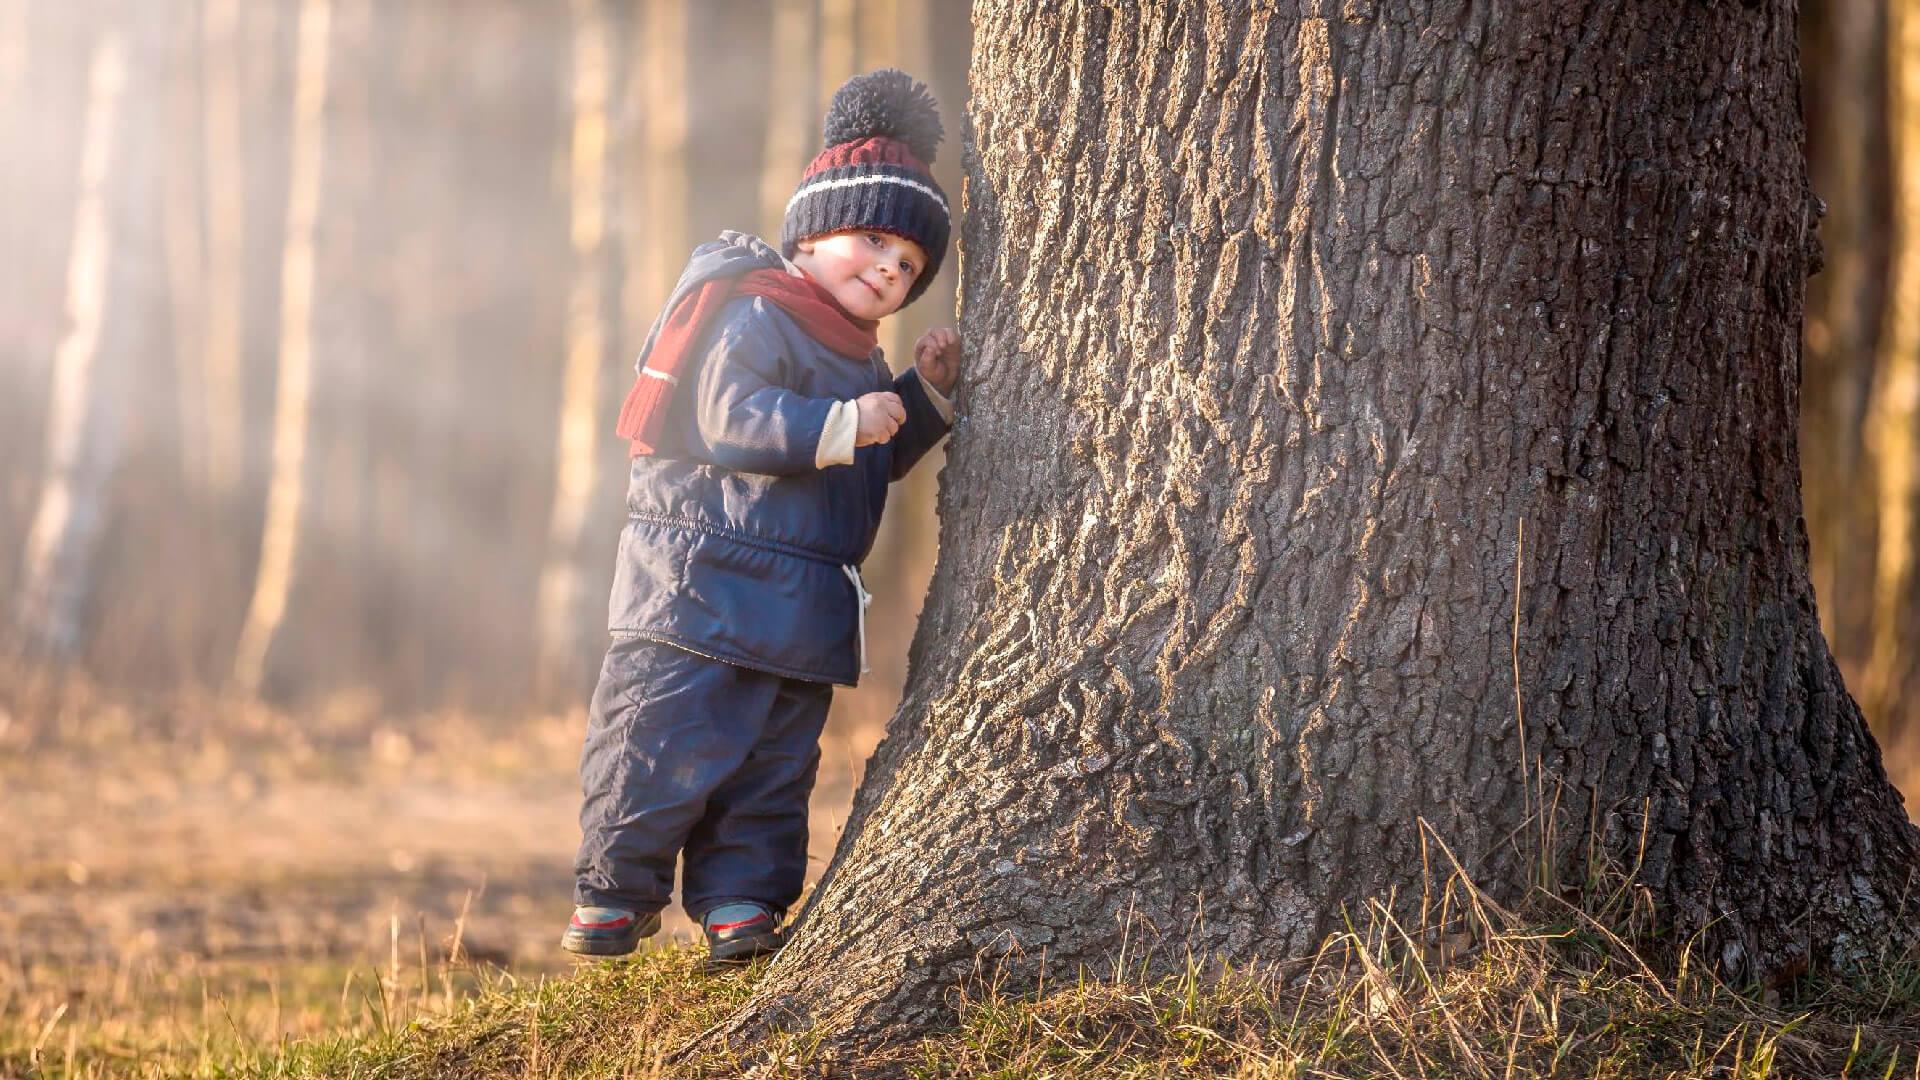 К проекту «Наше дерево» присоединиться не сложно. К проекту «Наше дерево» присоединиться пора - фото 2